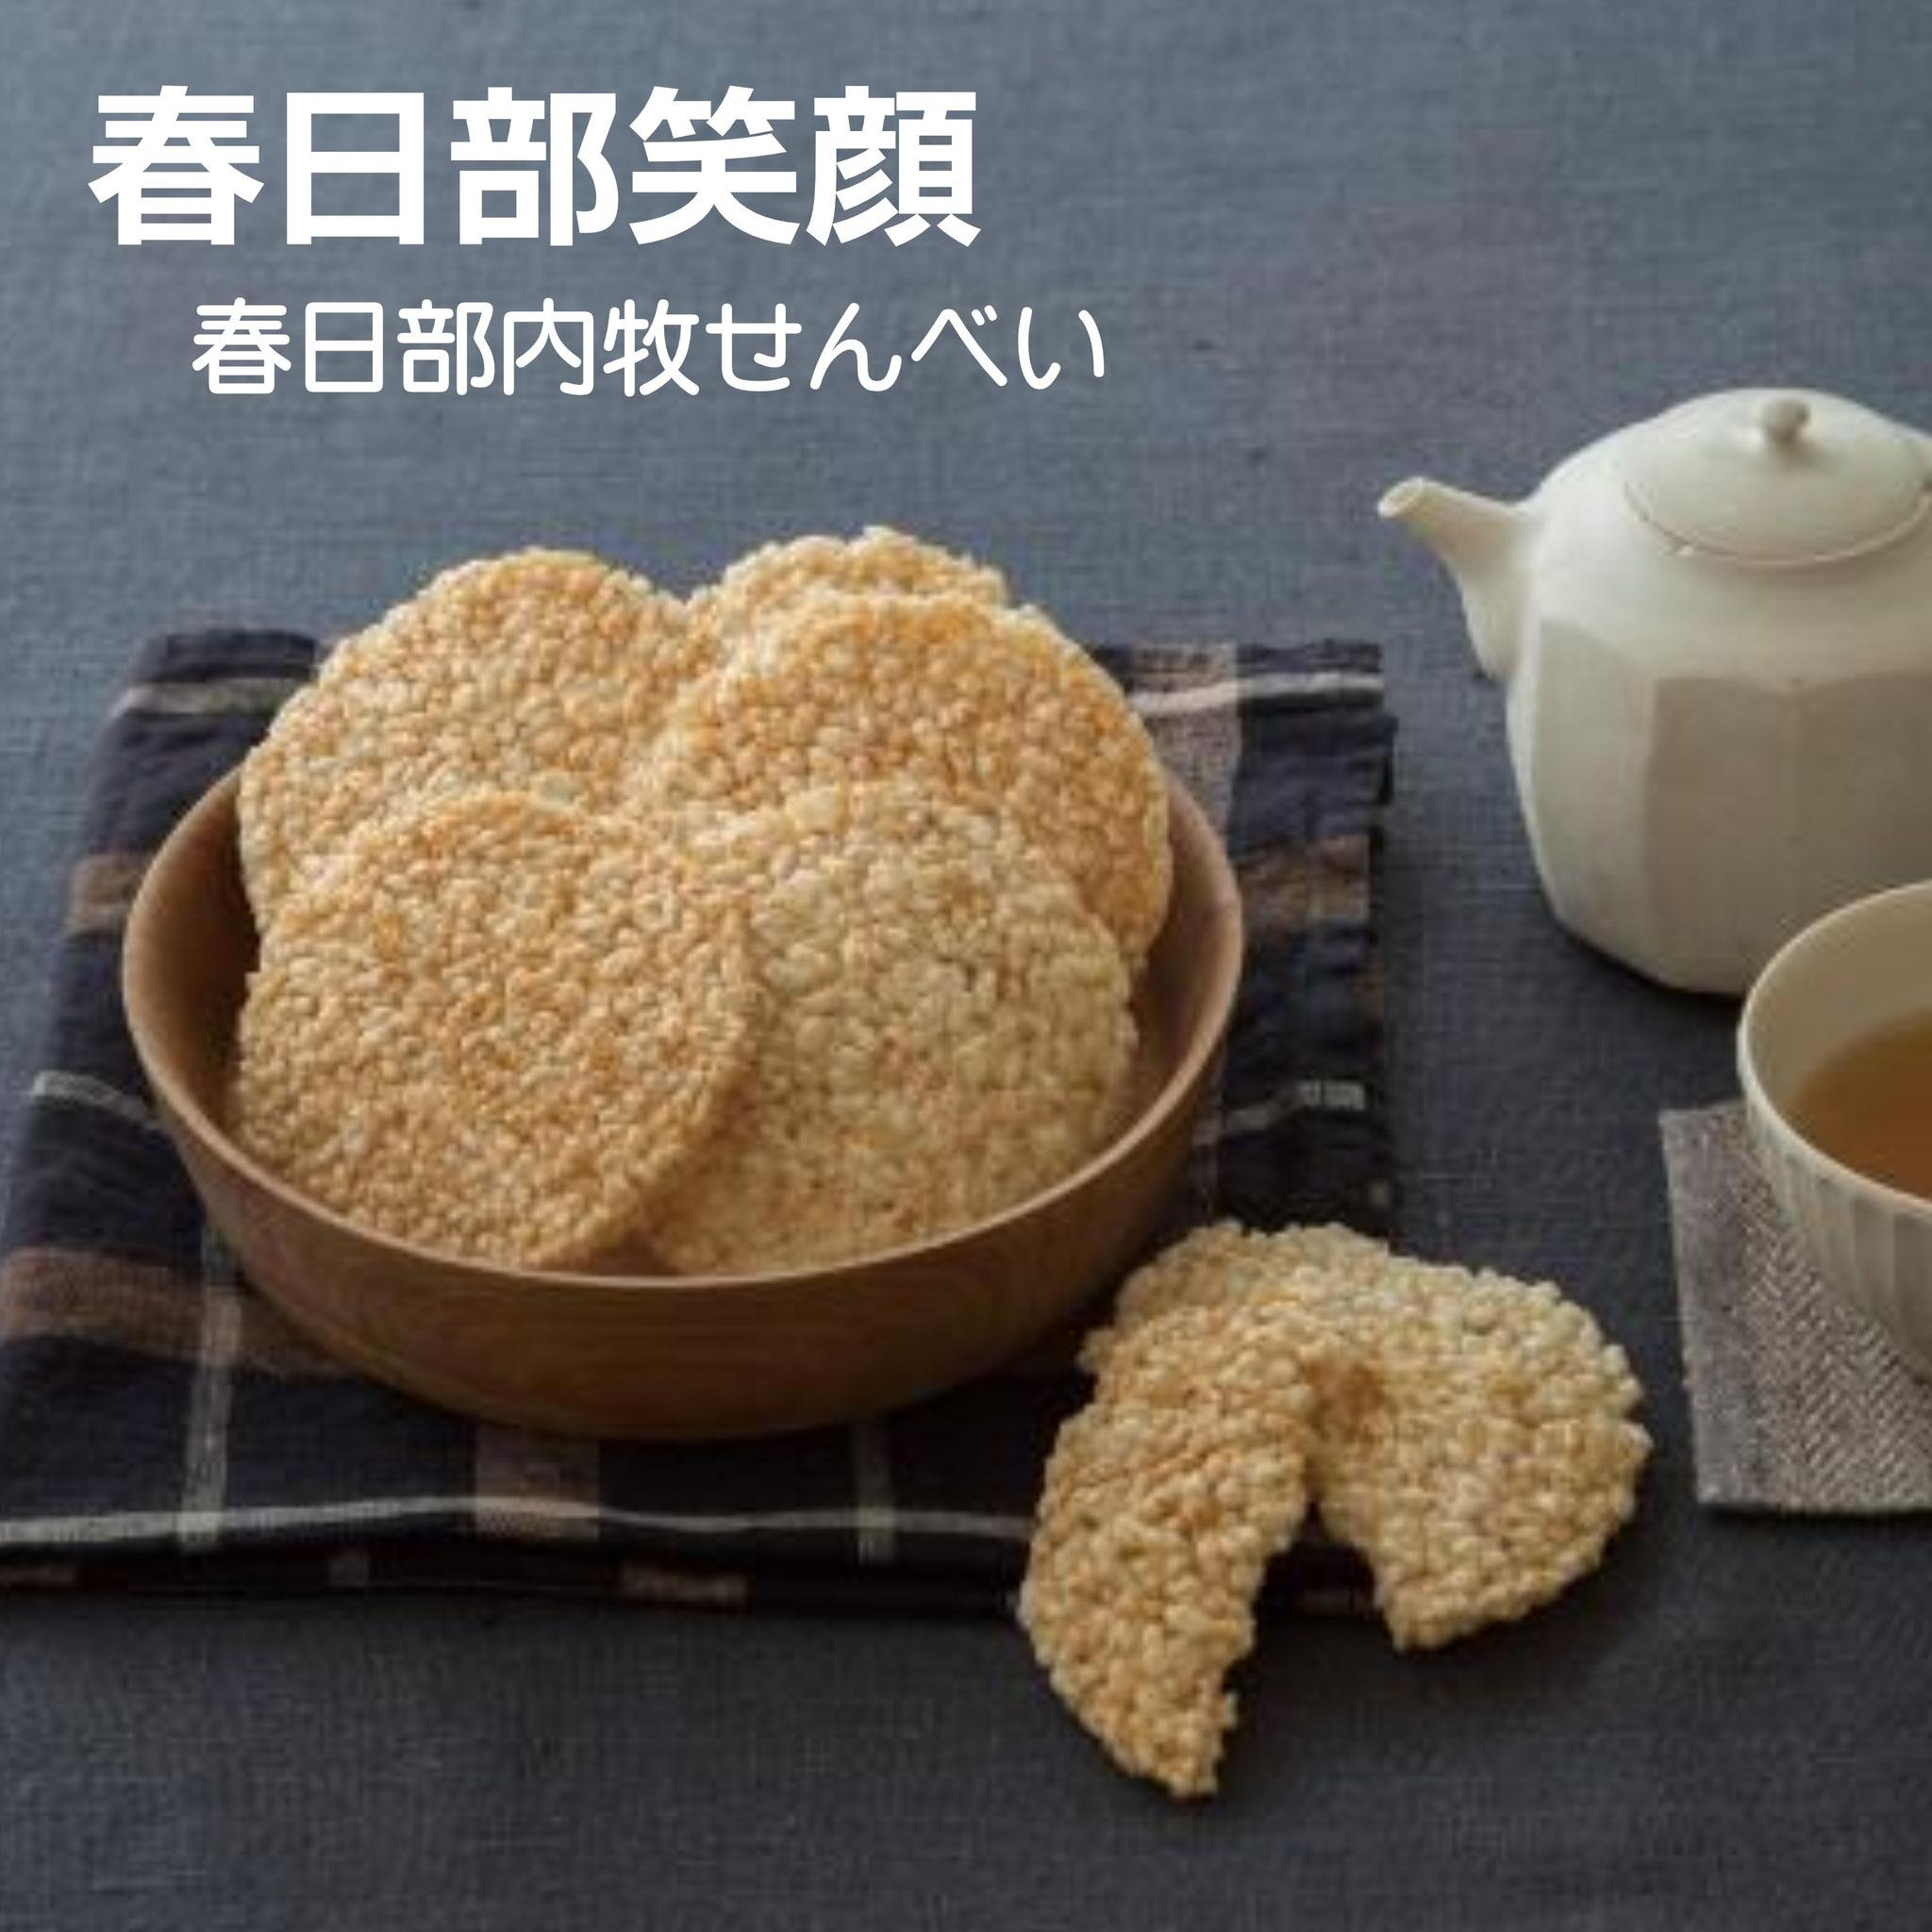 100%春日部産のお米を使用した、さっぱりとした食感の「春日部えがお(せんべい)」